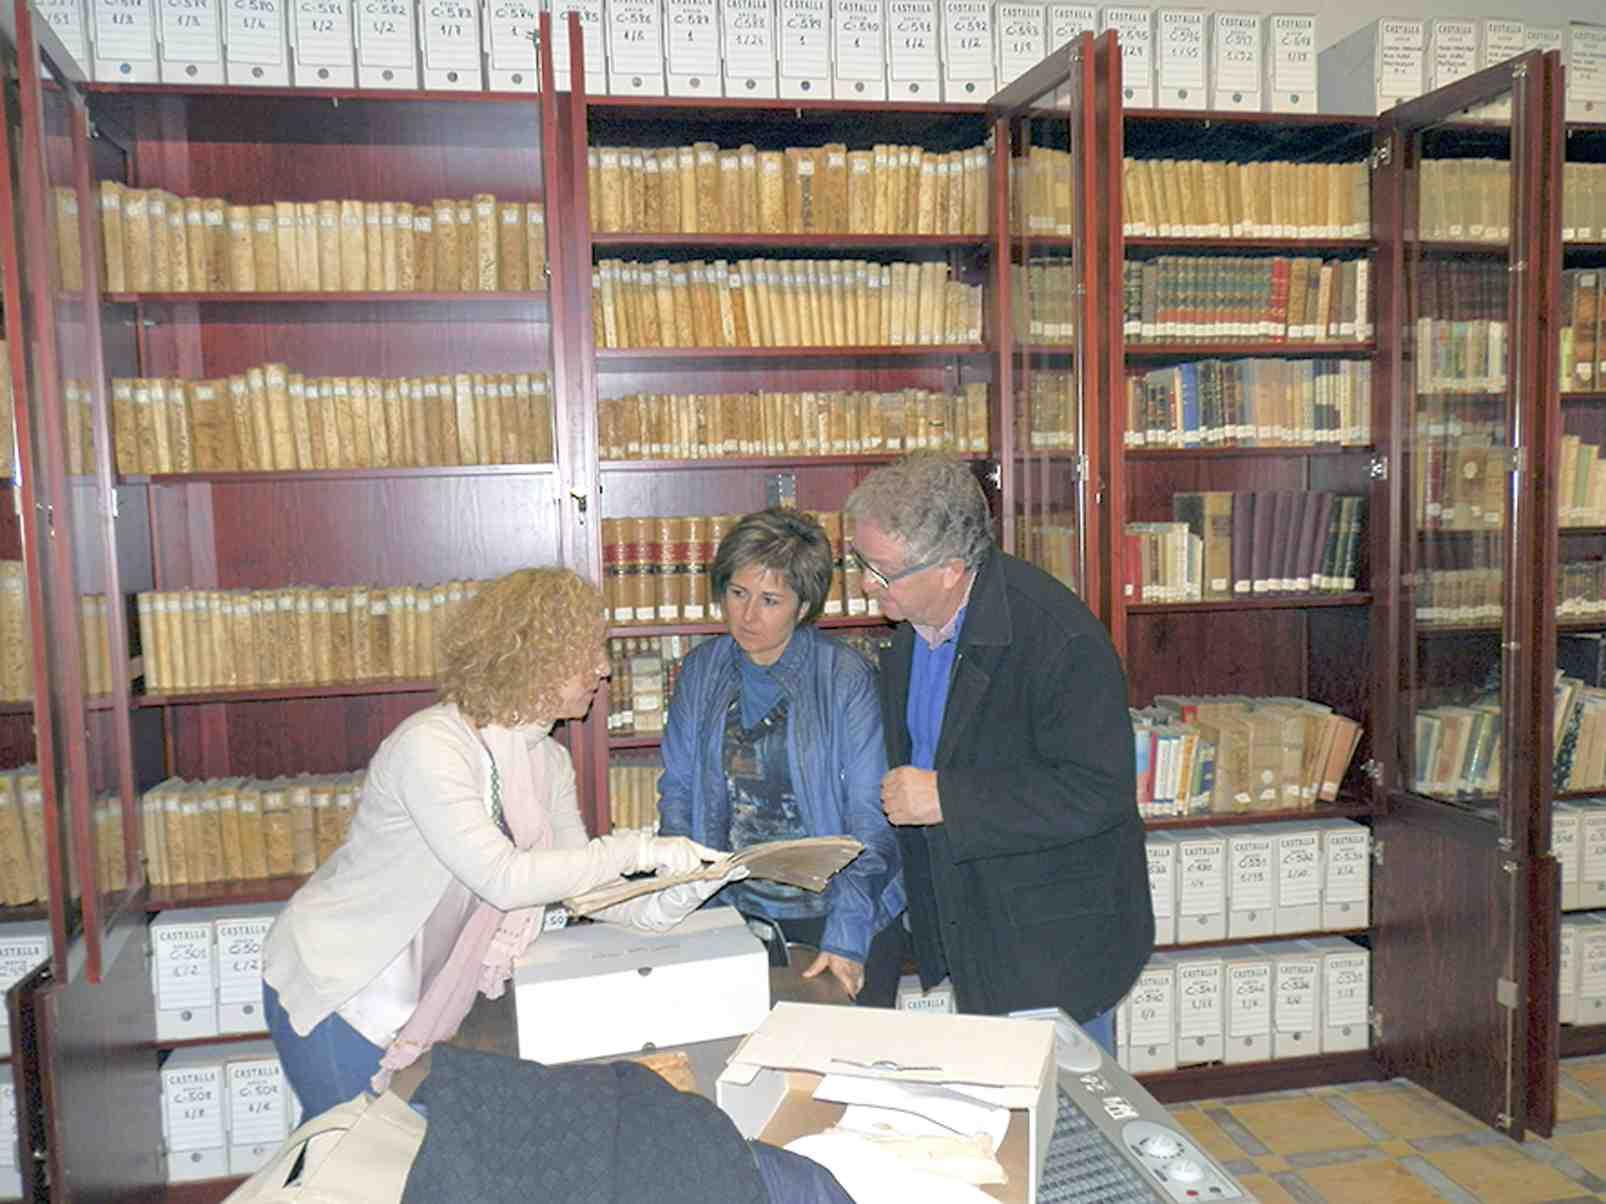 La Policía Nacional investiga la desaparición de un incunable desaparecido del Archivo Histórico de Castalla